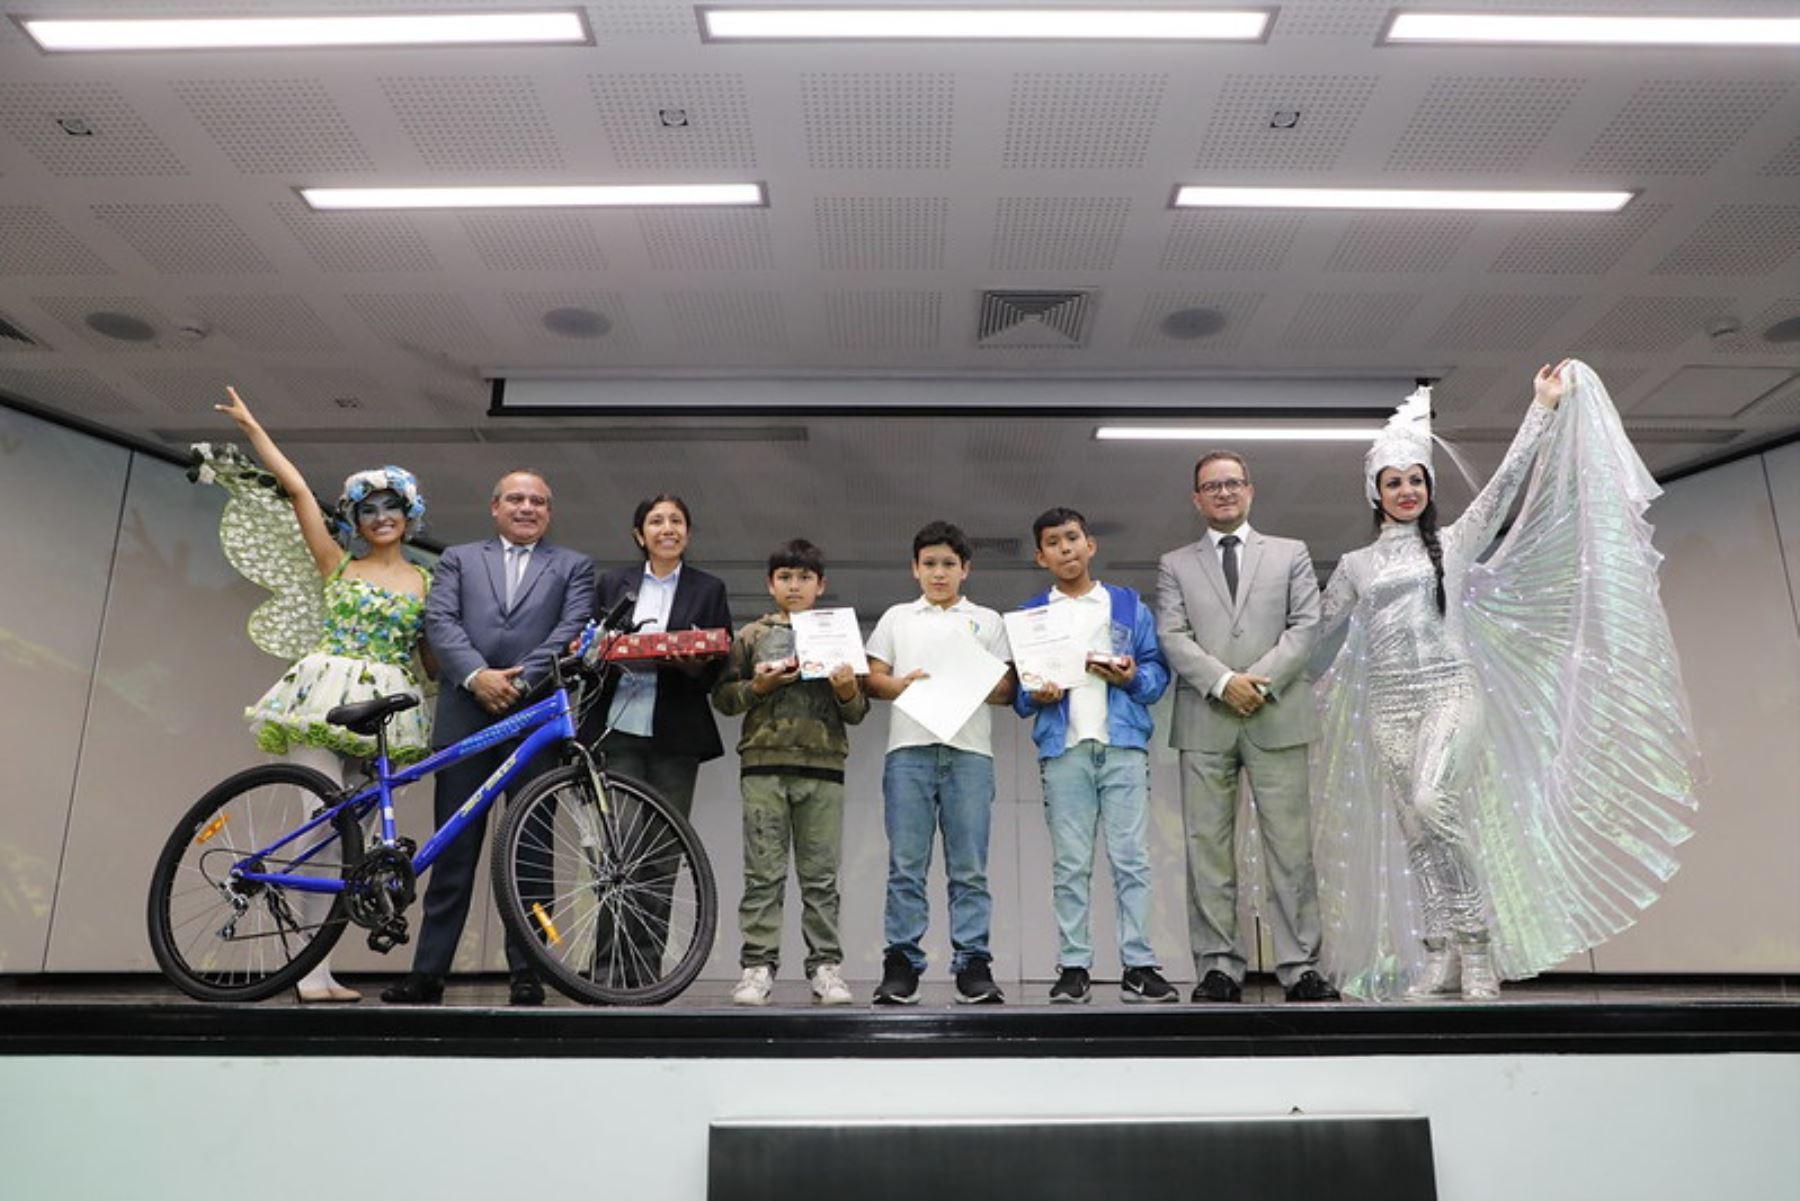 En la ceremonia de premiación, el titular del Ministerio de Comercio Exterior y Turismo, Edgar Vásquez, destacó que en el presente año participaron más de 1 700 escolares de 4to, 5to y 6to de primaria de todo el país.. Foto: Mincetur